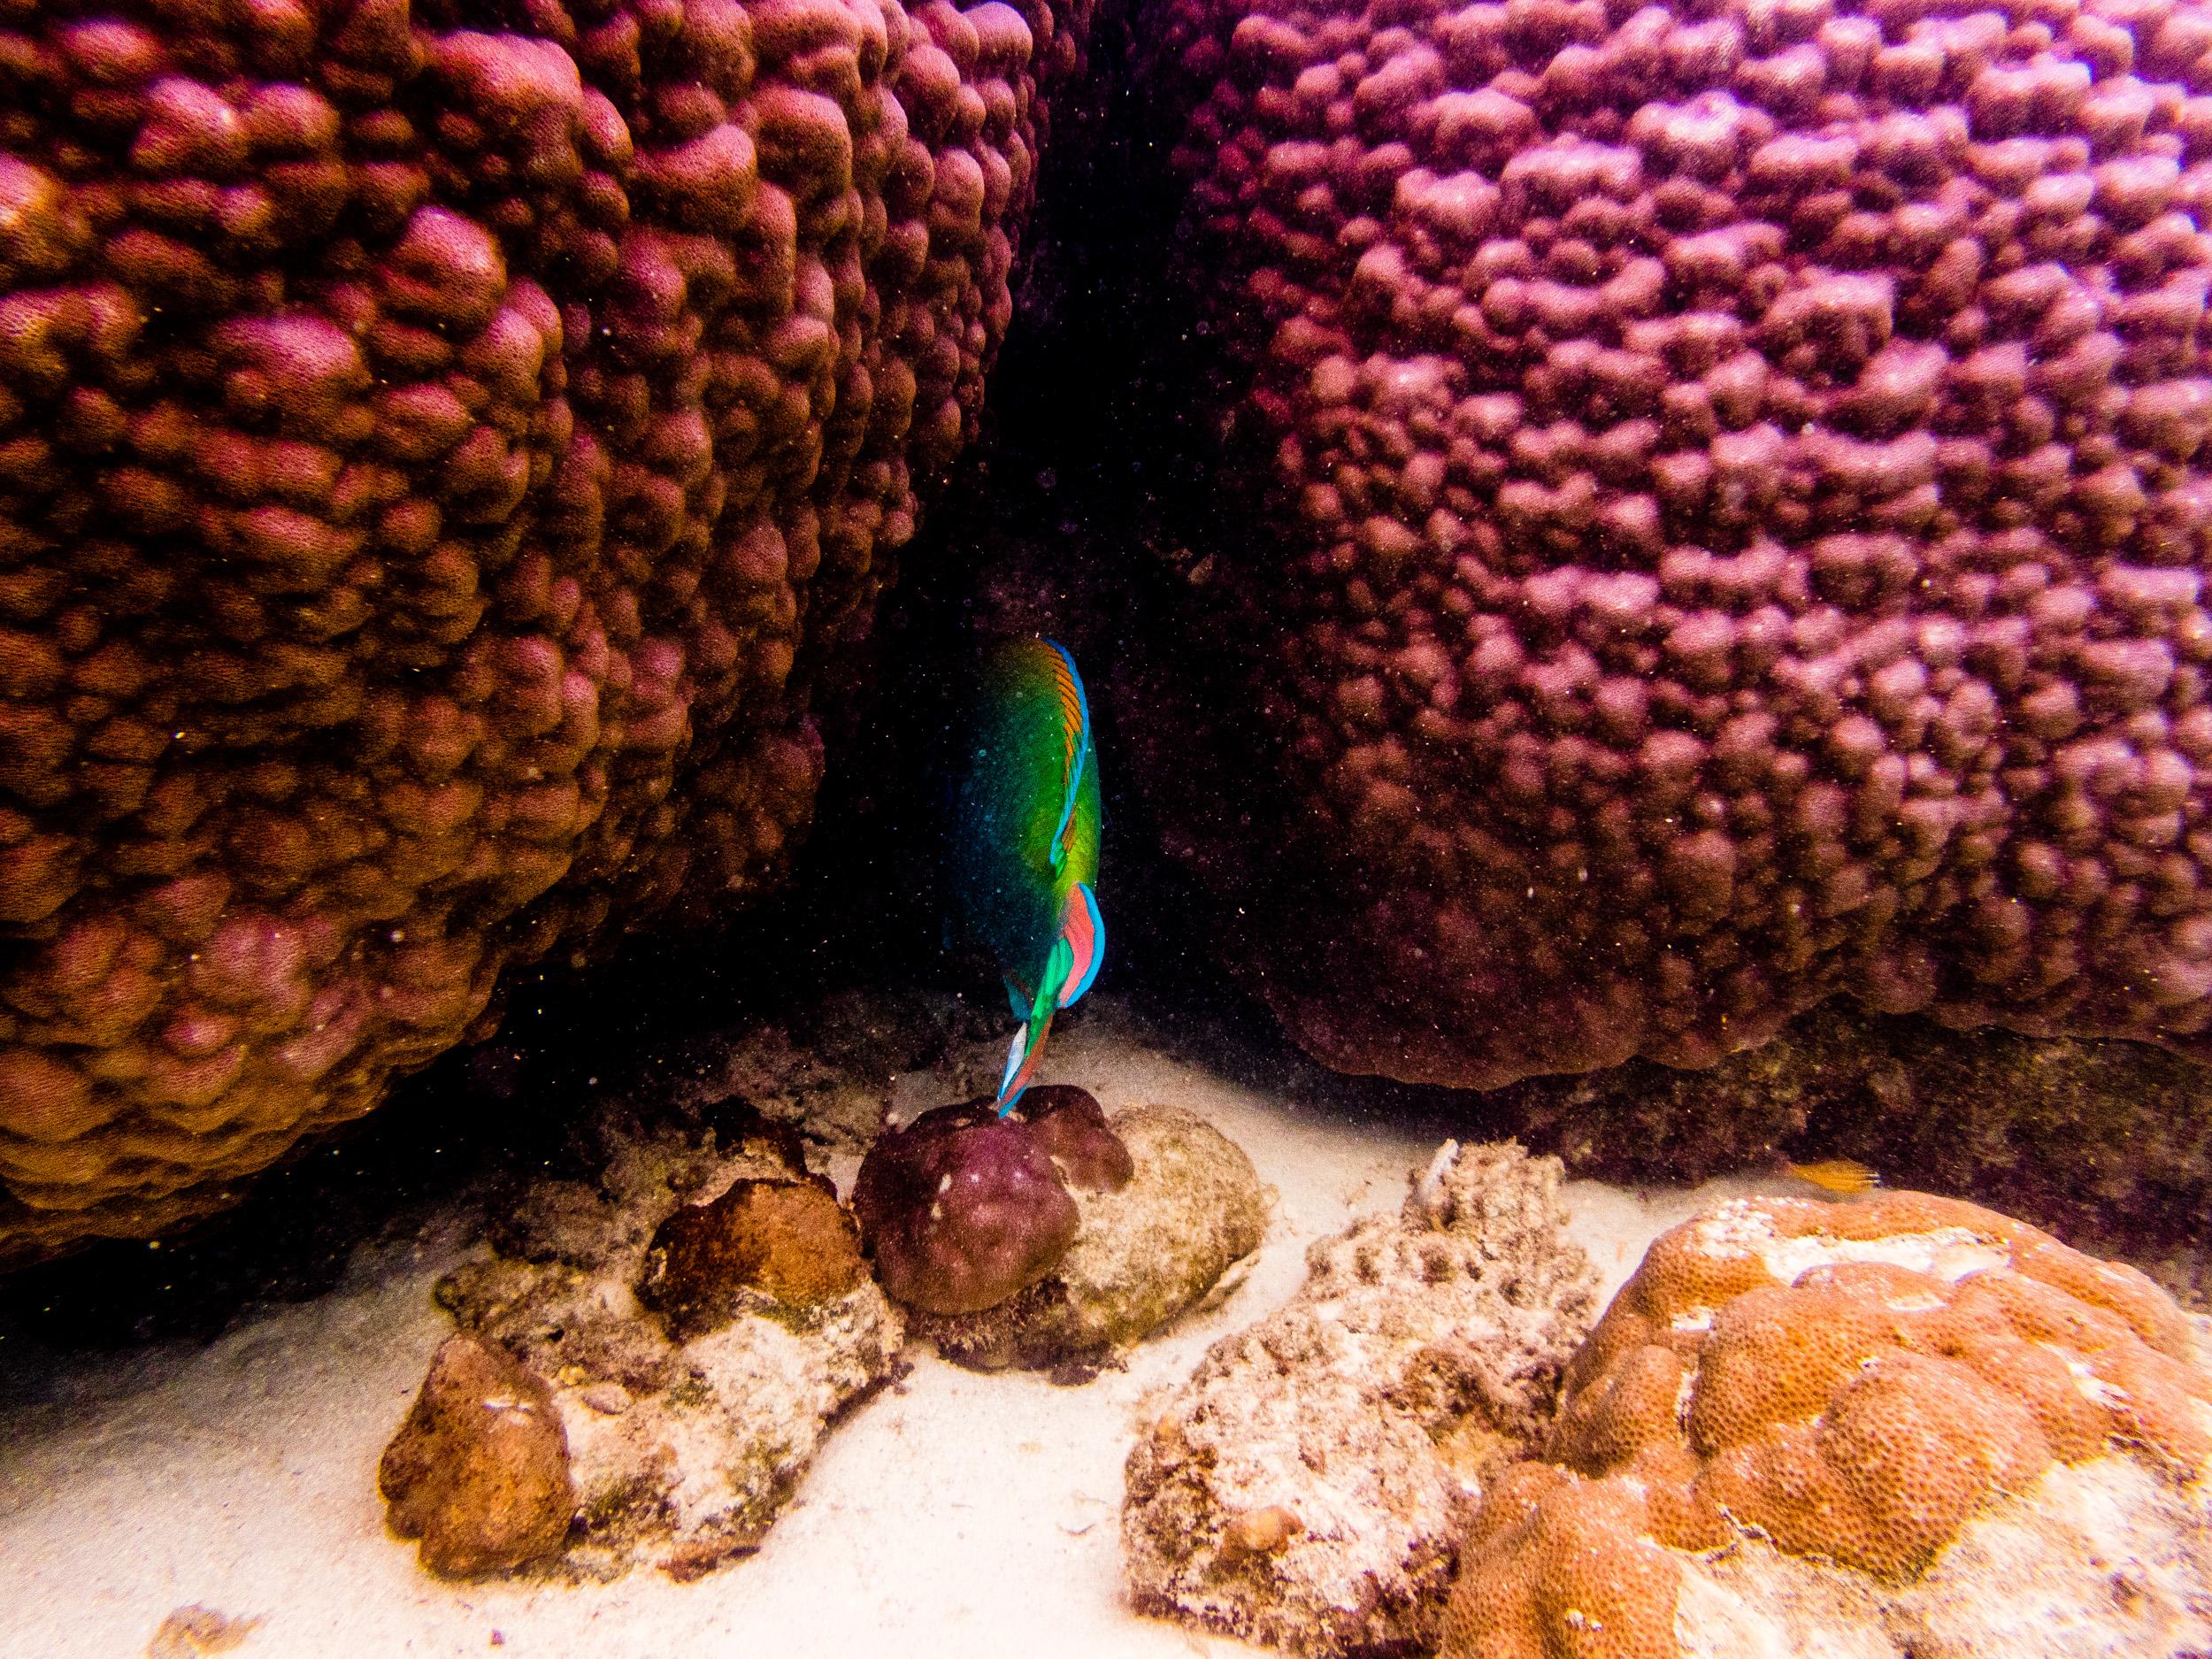 Spyrides_Kyle_Ningaloo_Reef_Sal_Salis.13.5.2016P5131858.jpg